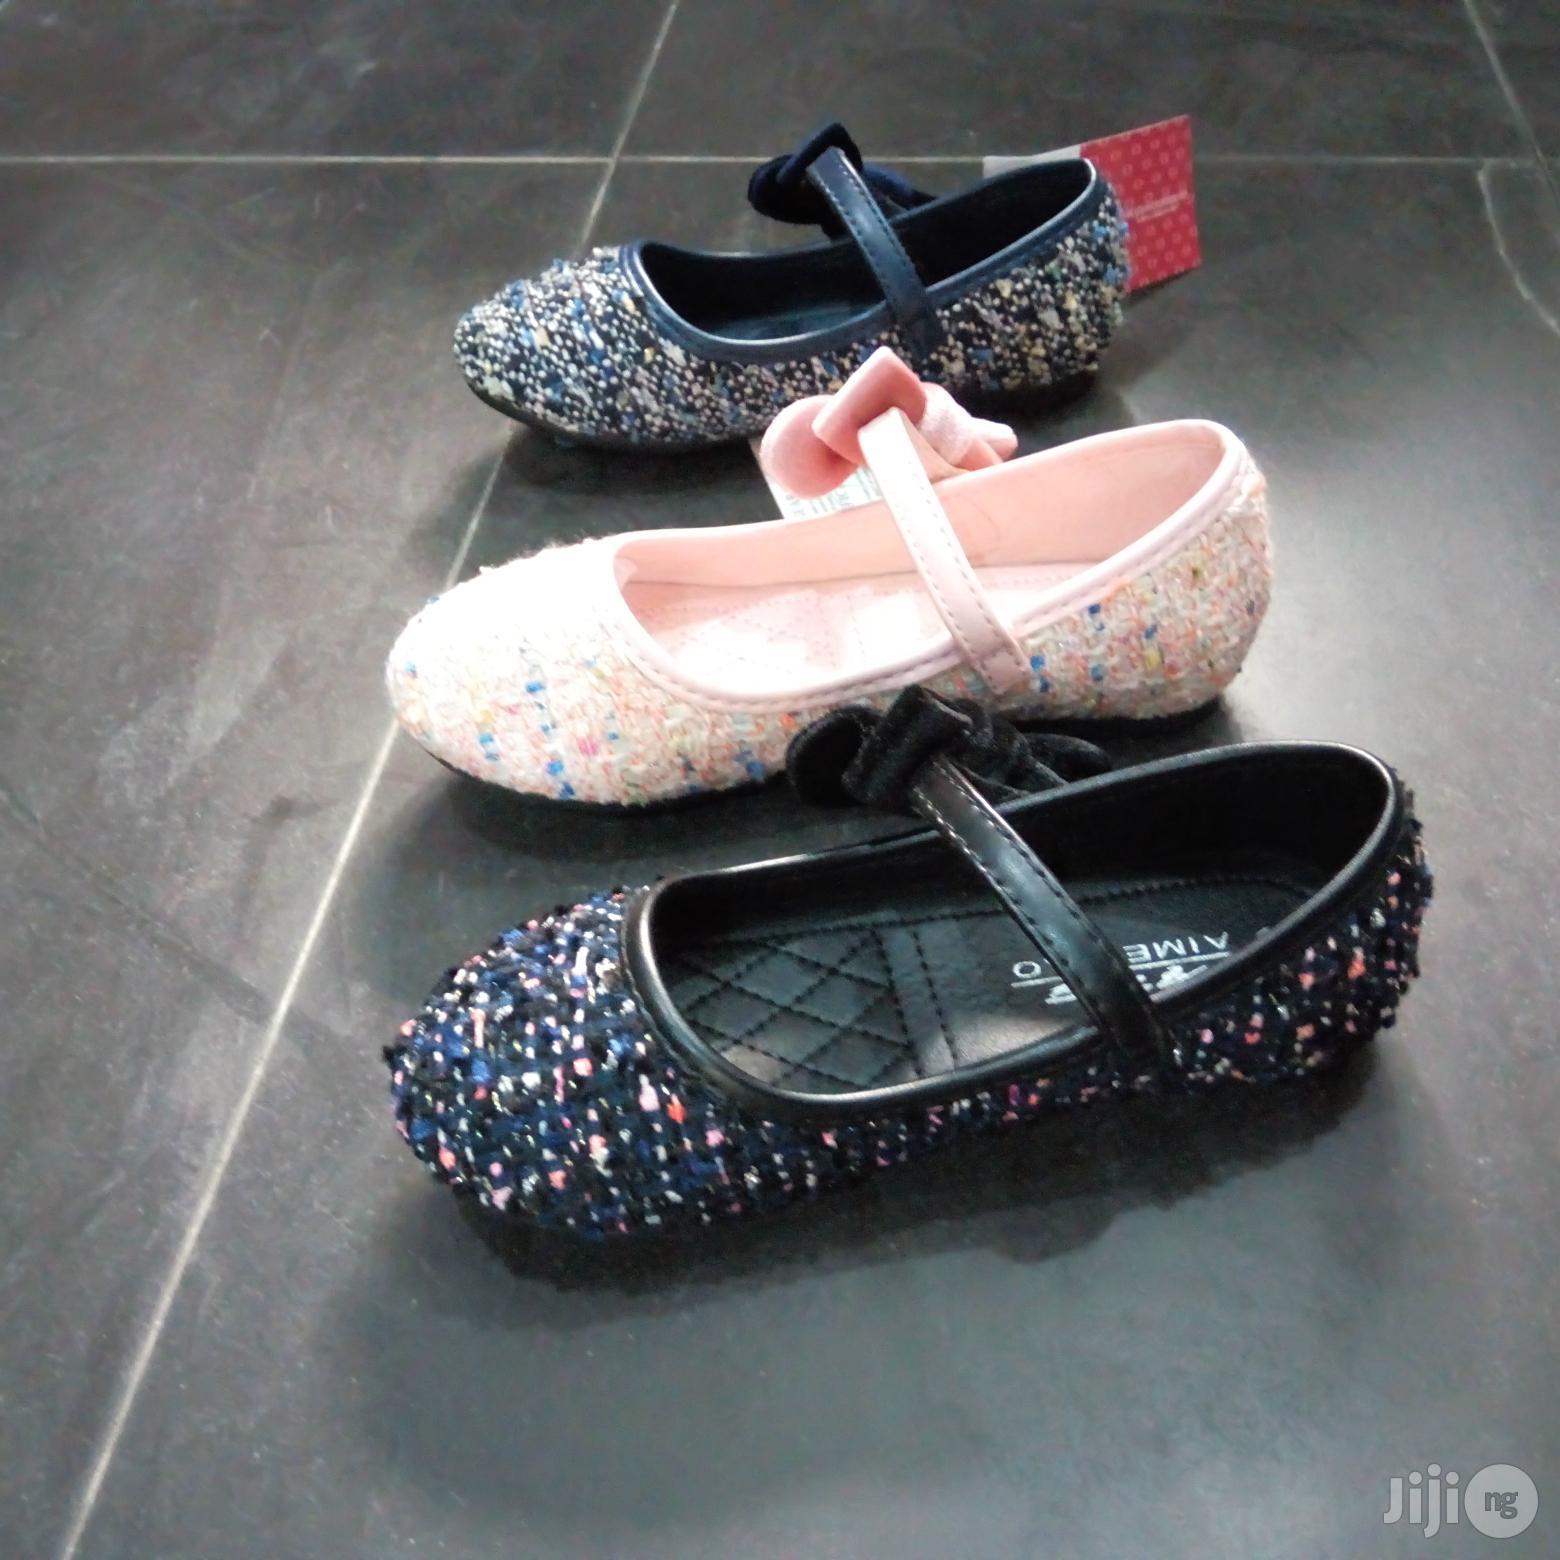 Aimeigo Girl's Shoe